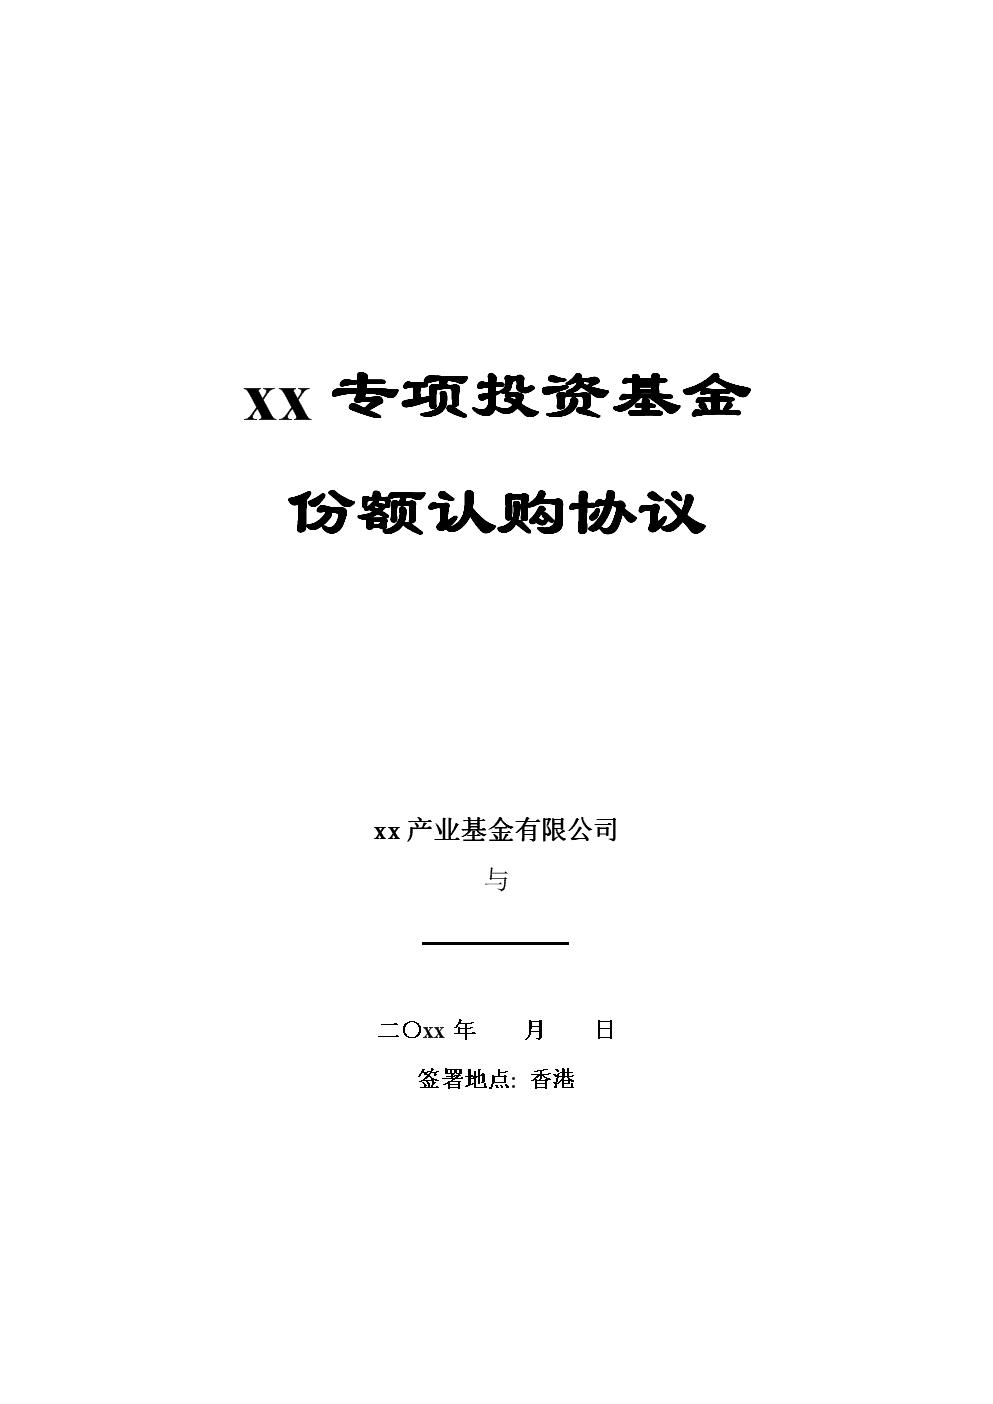 香港股权投资基金专项投资基金认购协议(大客户版).docx